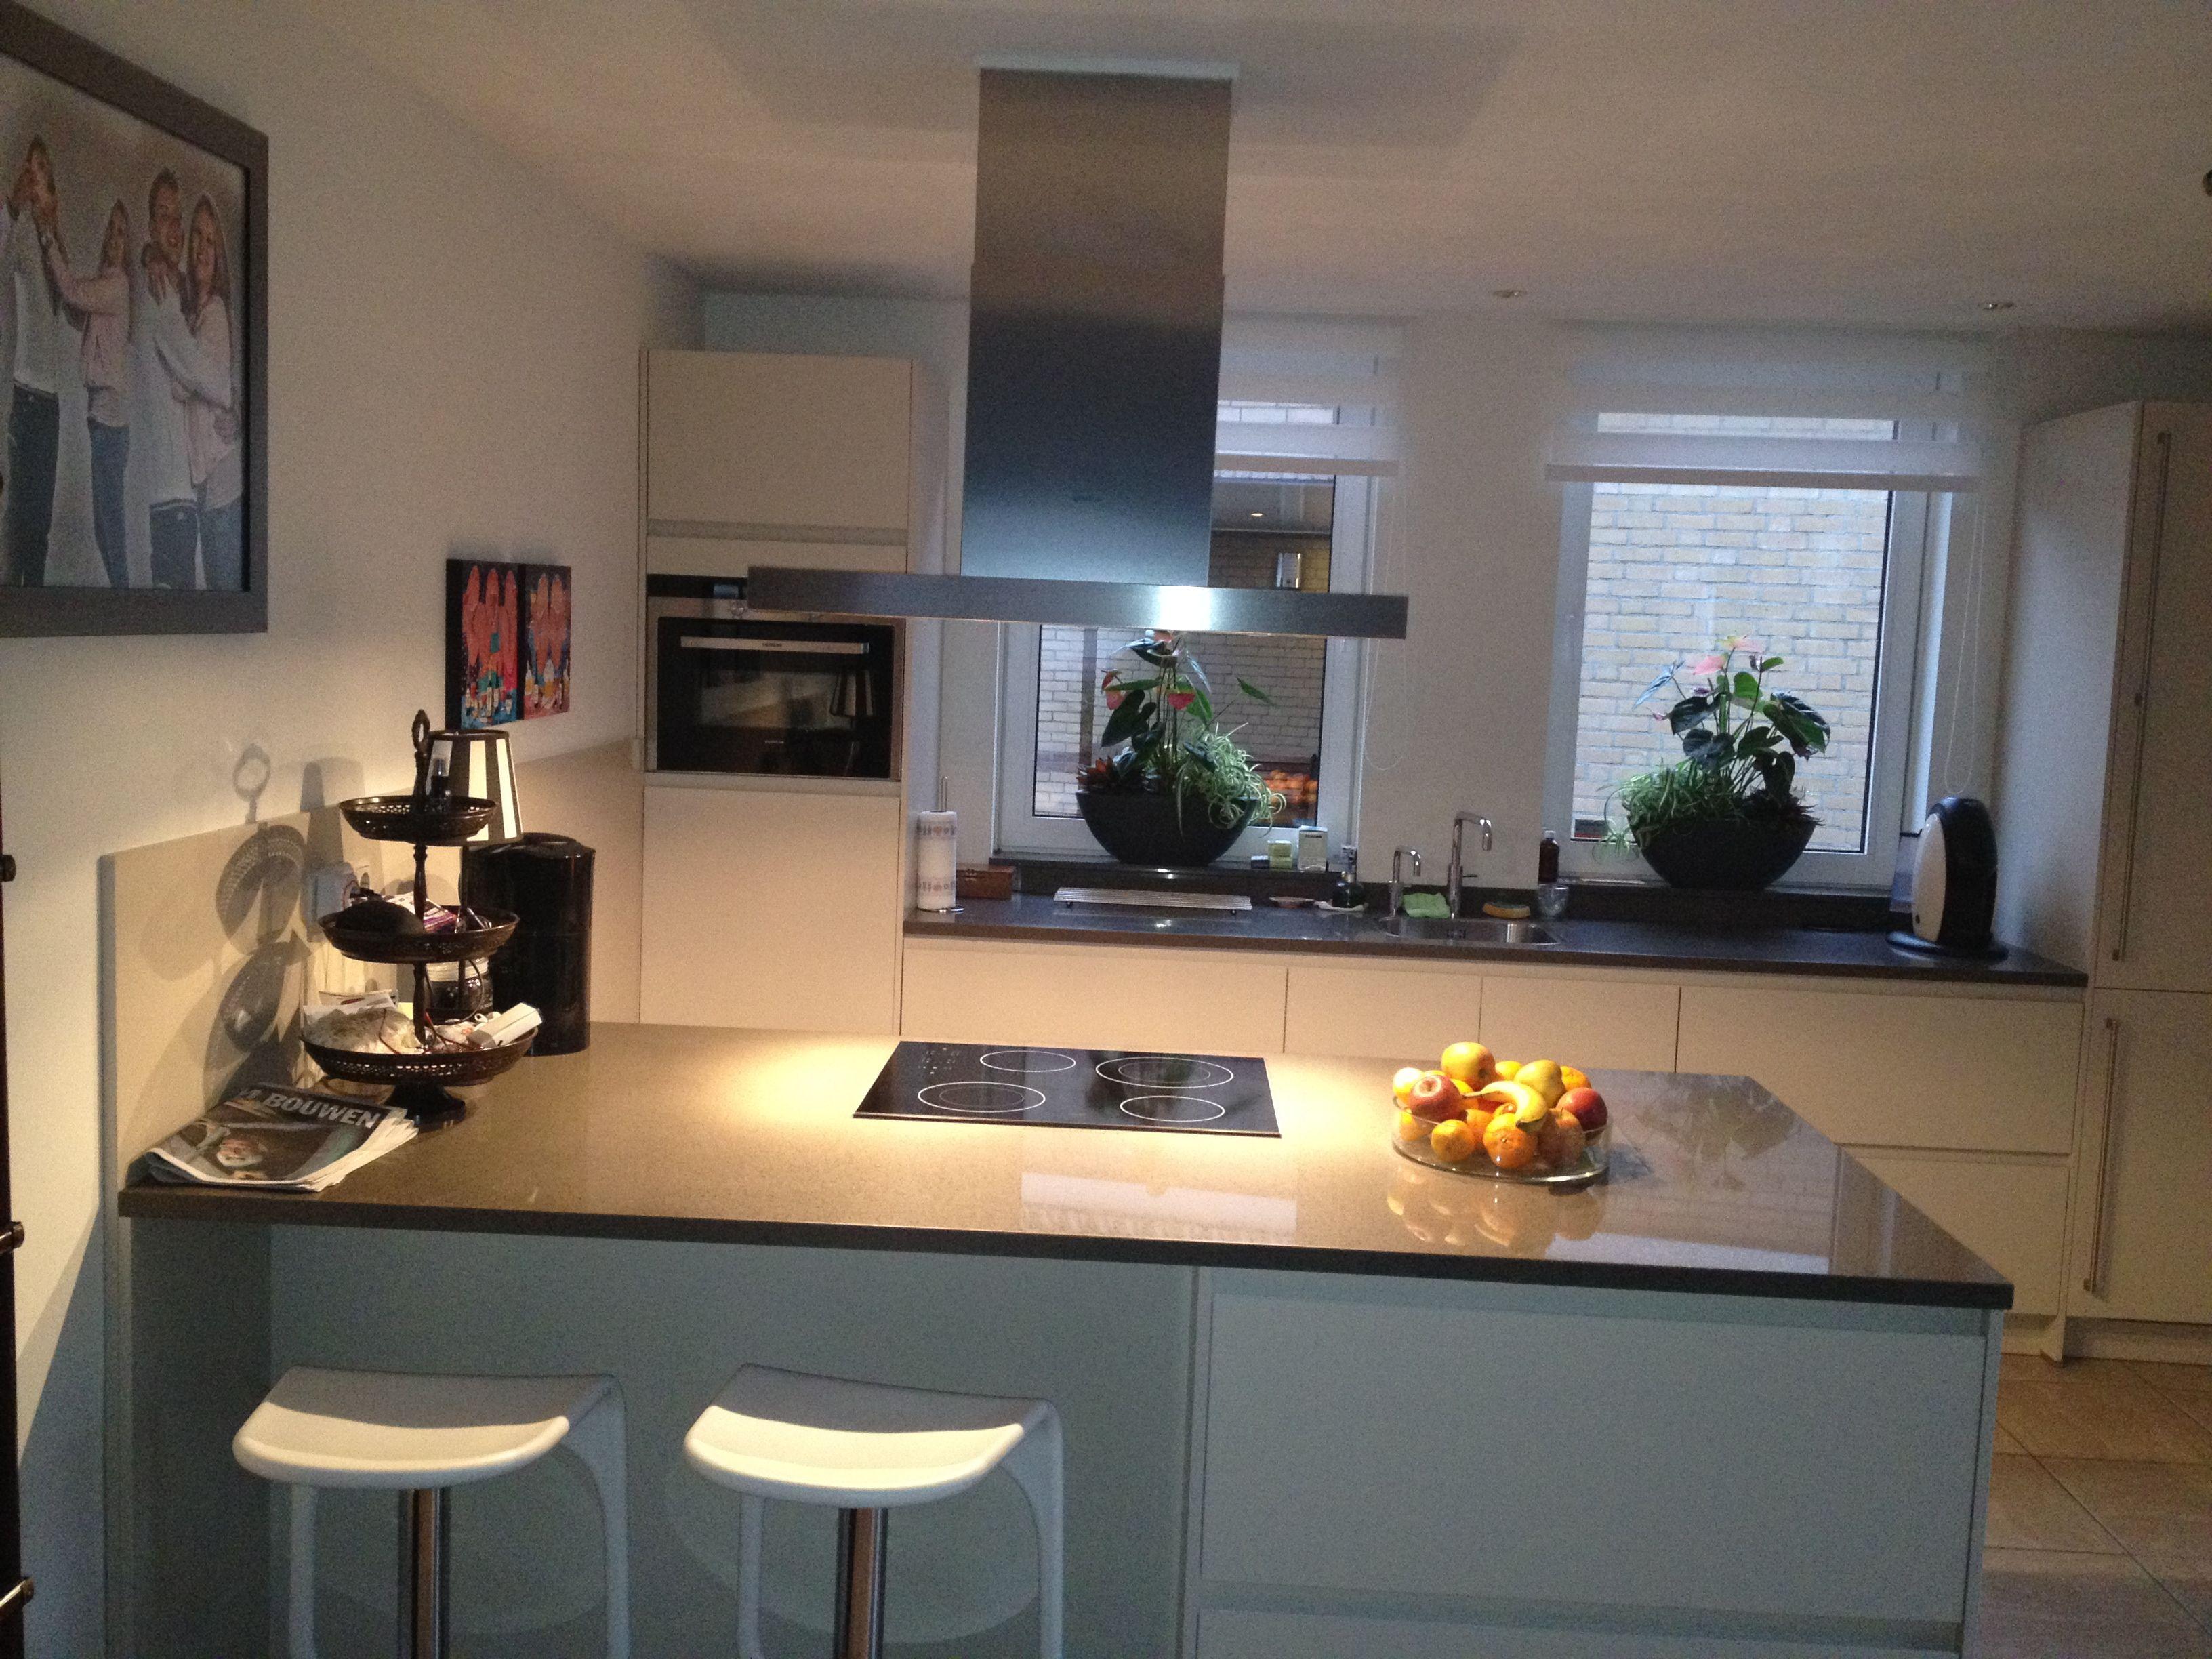 Keukeneiland T Opstelling : De meest voorkomende keukenopstellingen en voorbeelden